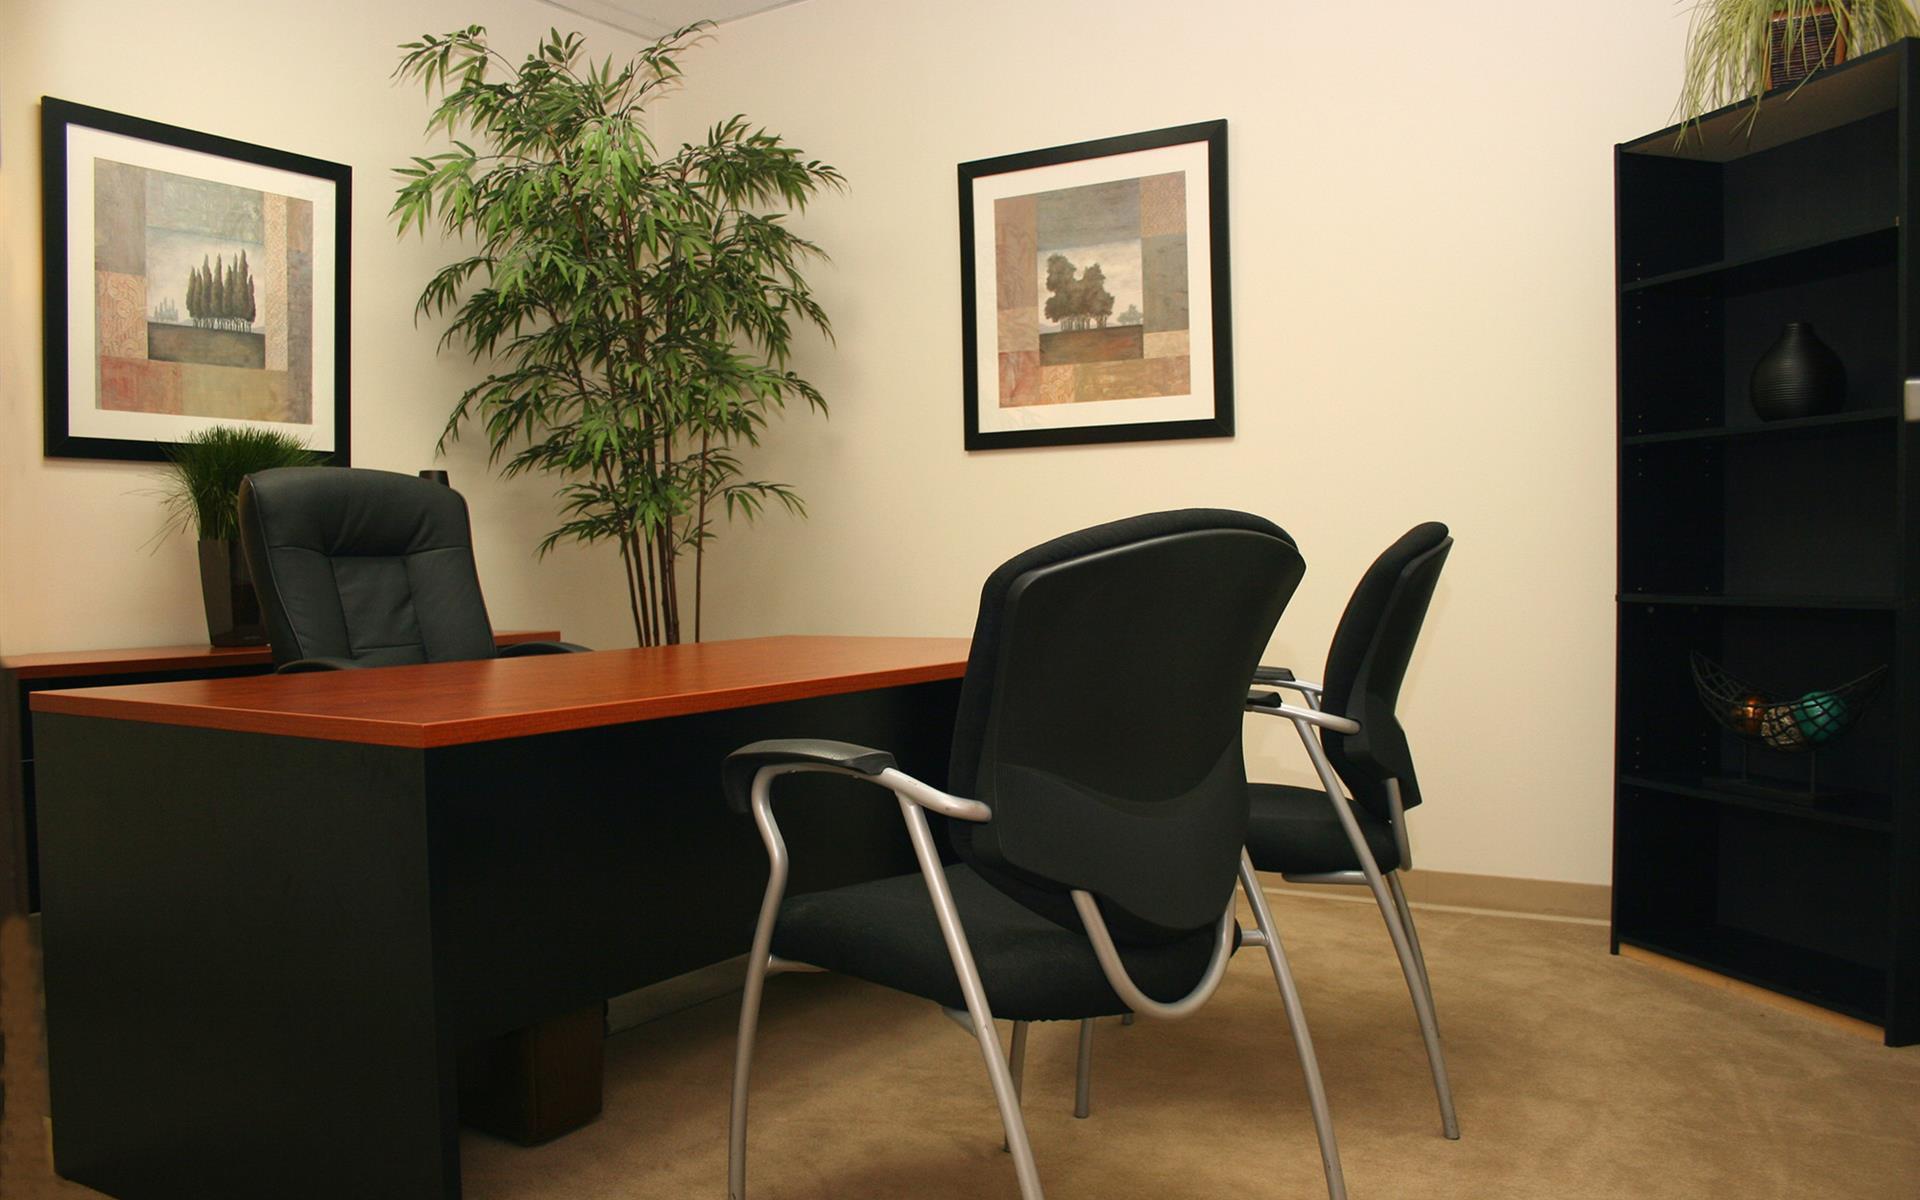 (RSM) Rancho Santa Margarita - Interior Office